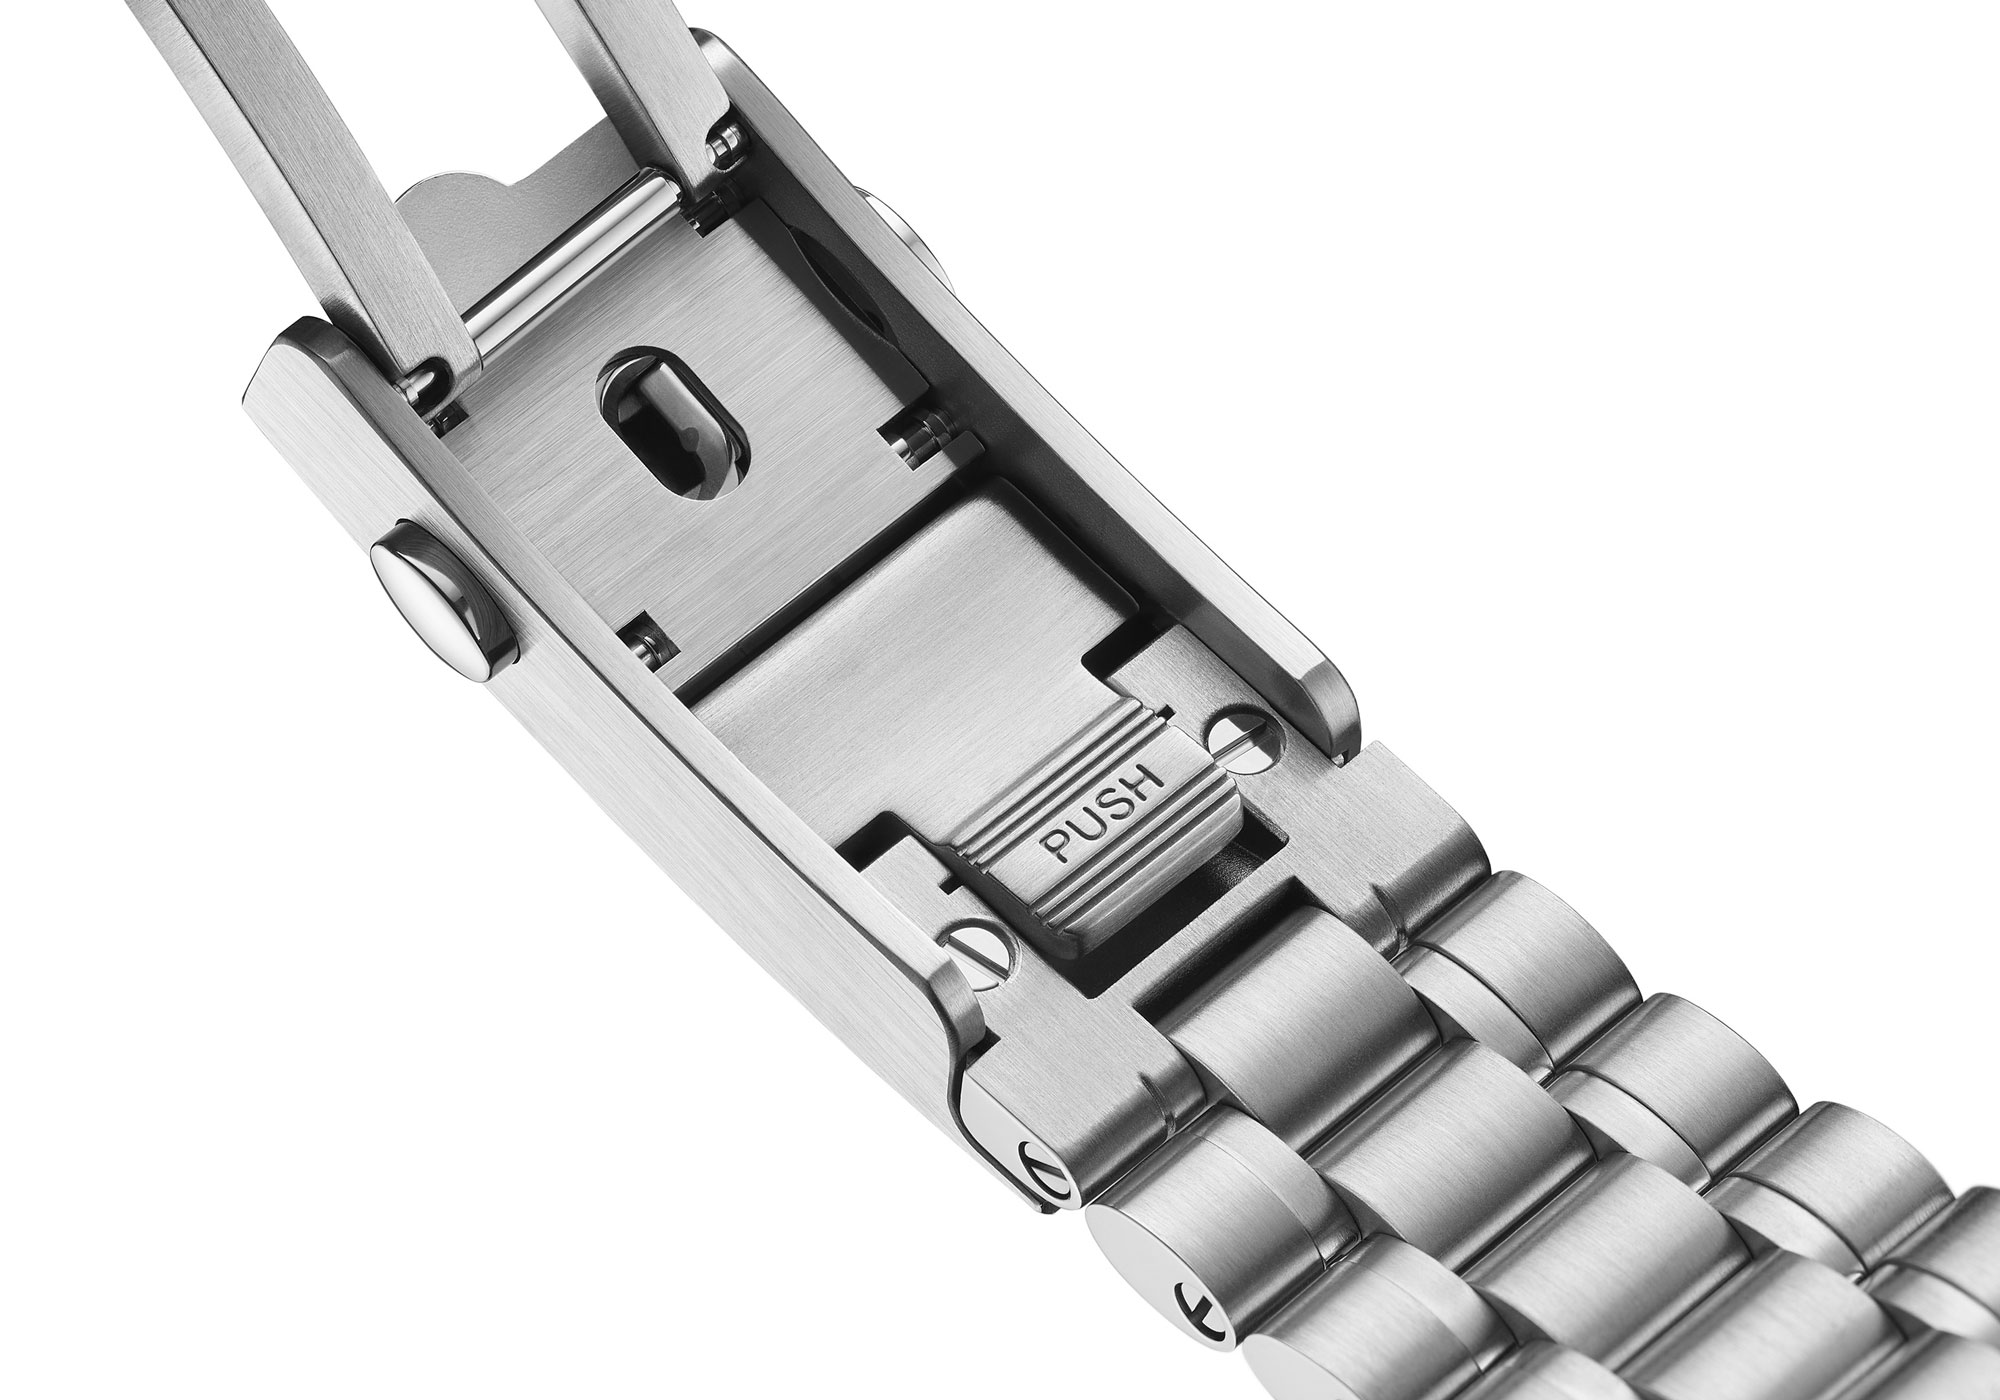 Omega Speedmaster Chronoscope - Ref. 329.30.43.51.03.001